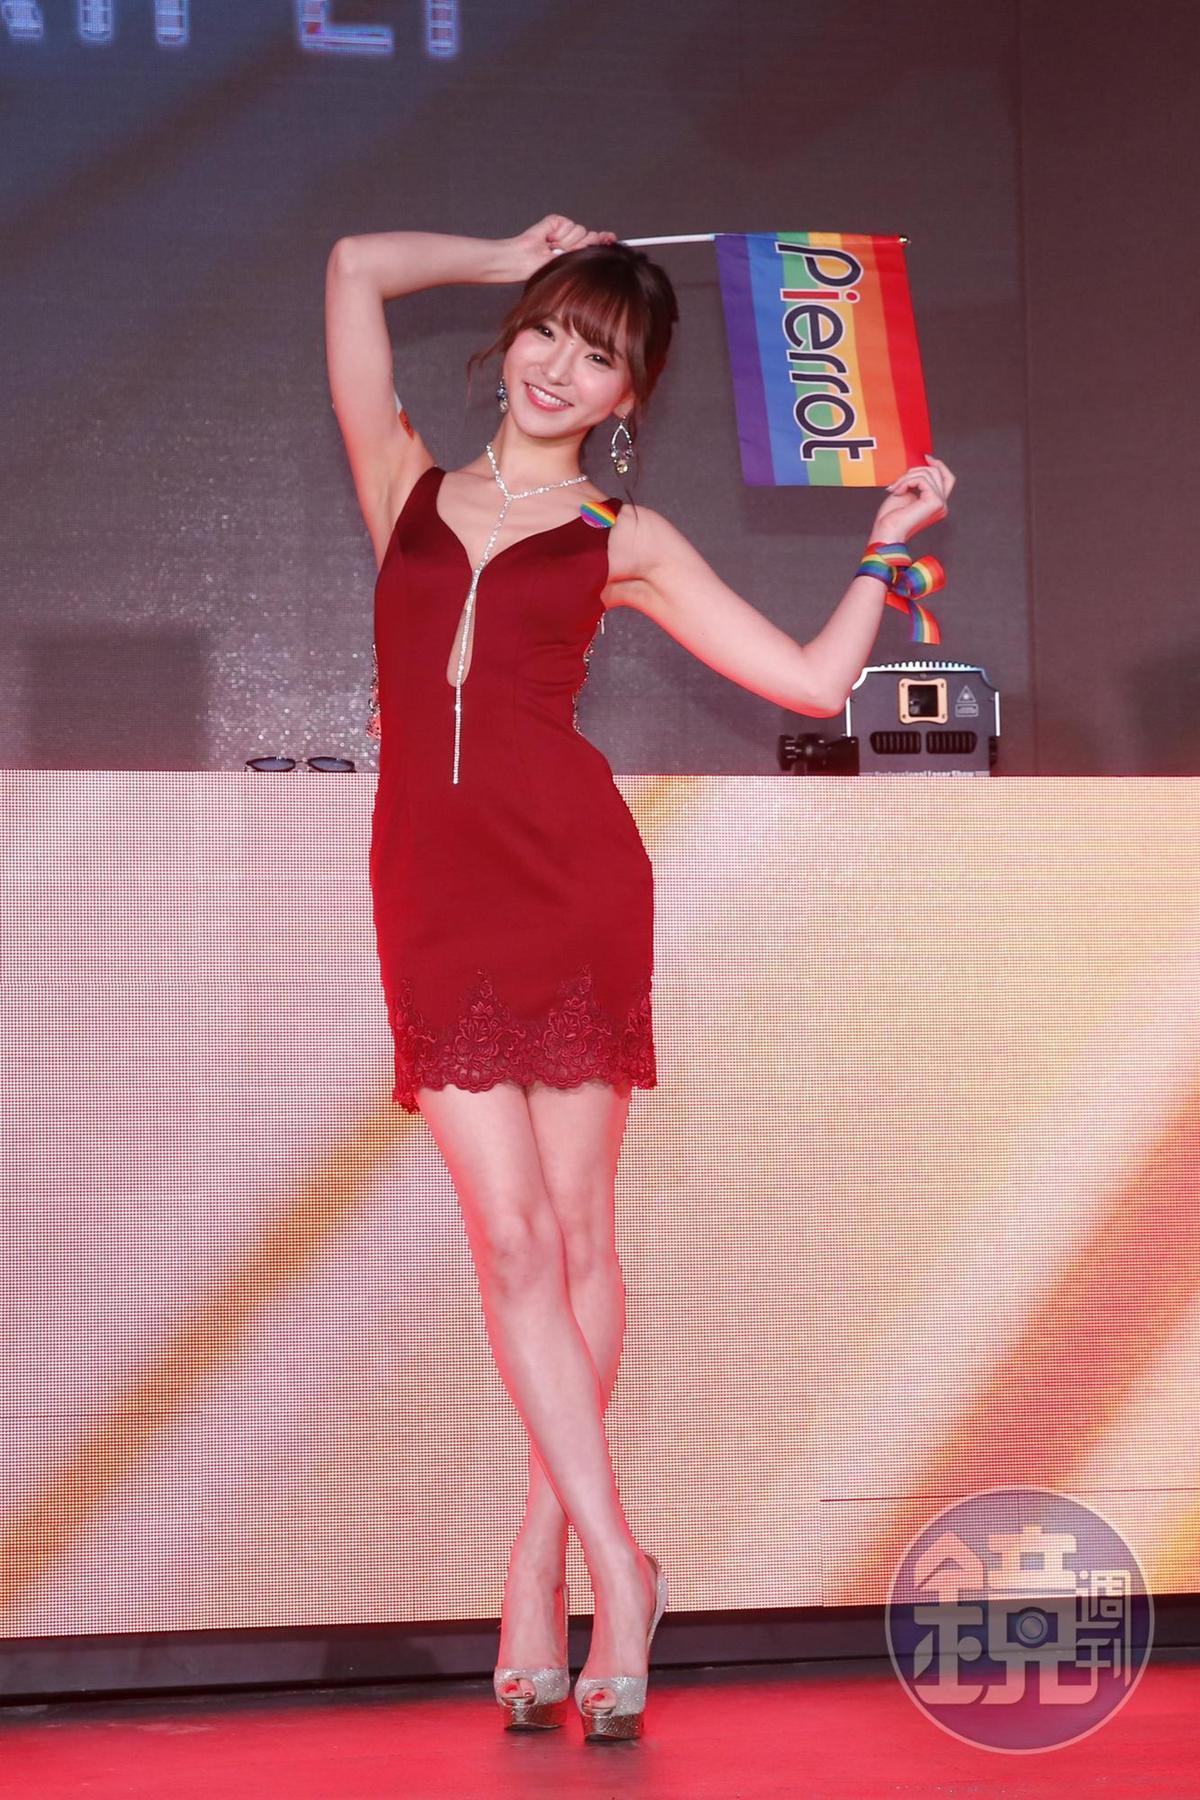 夏木安梨10月來台時曾表示自己正在學中文。